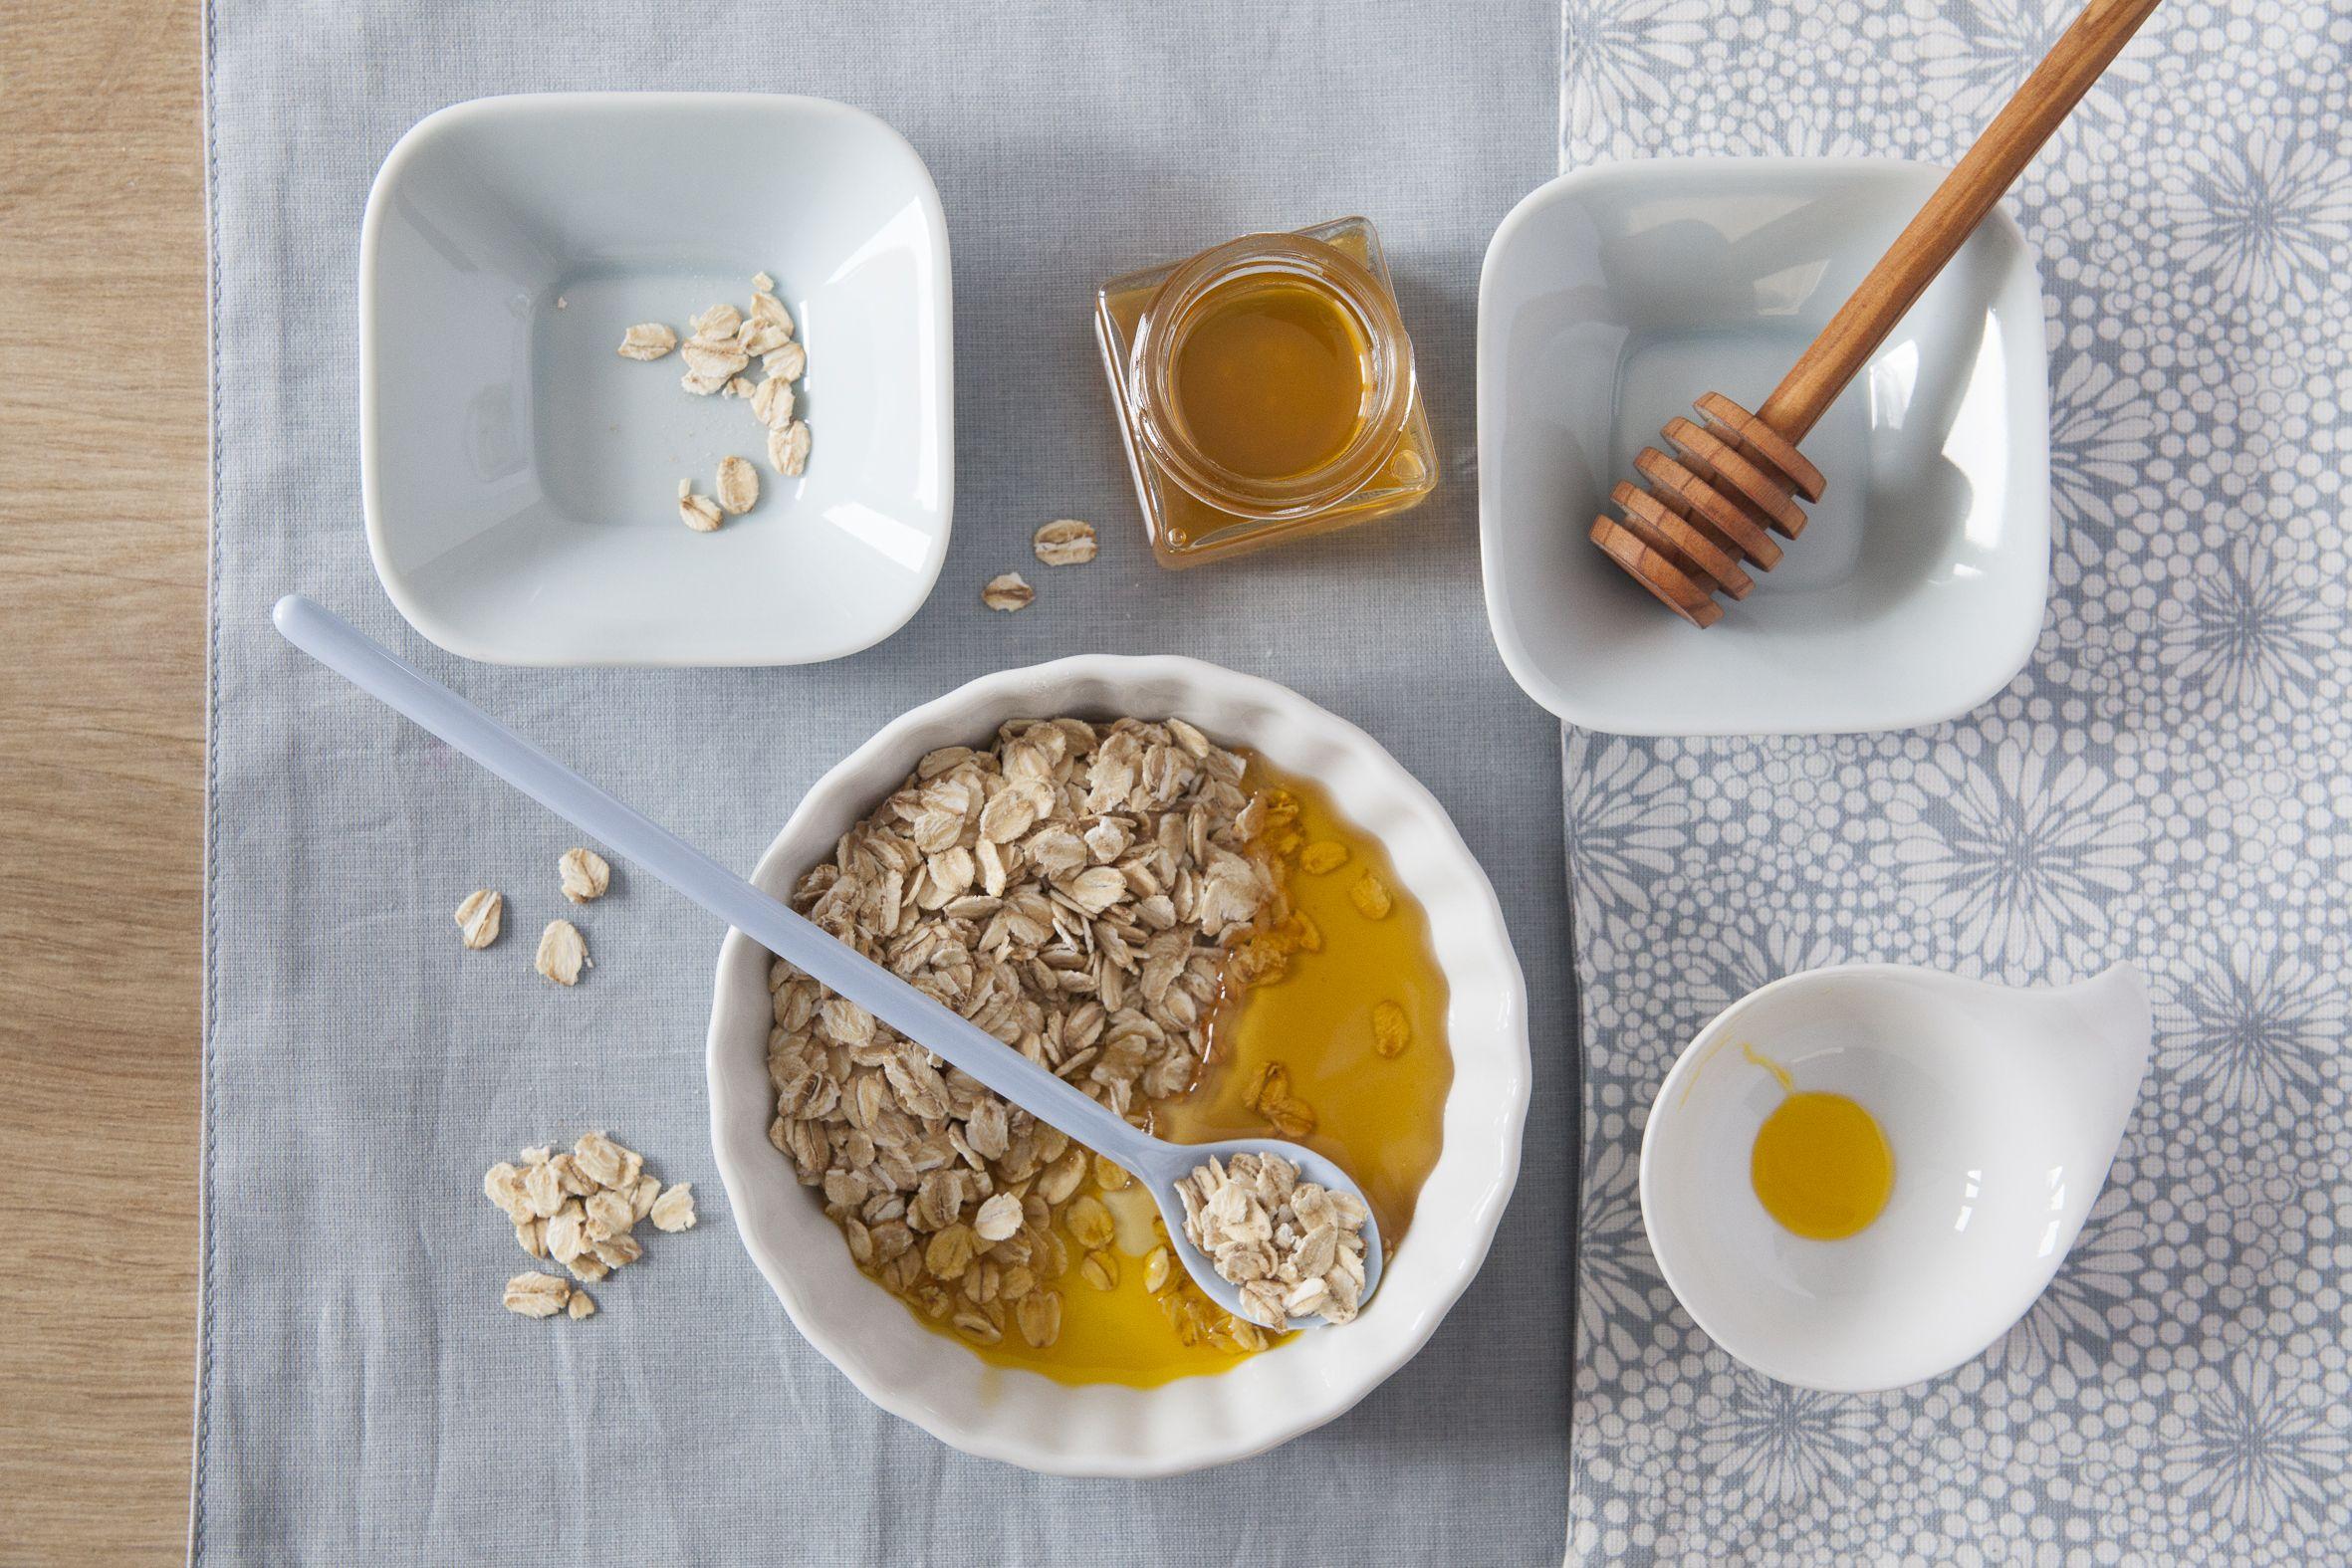 DIY Maske mit Haferflocken. Für ein klares Hautbild das ganze Jahr über sorgt die pflegende und reinigende Peelingmaske mit Haferflocken, Honig und Weizenkeimöl. Haferflocken sind reich an Vitamin B, Honig wird seit Jahrhunderten als Heilmittel eingesetzt und macht die Haut geschmeidig. Weizenkeimöl versorgt die Haut intensiv mit Feuchtigkeit und ist reich an Vitamin E.